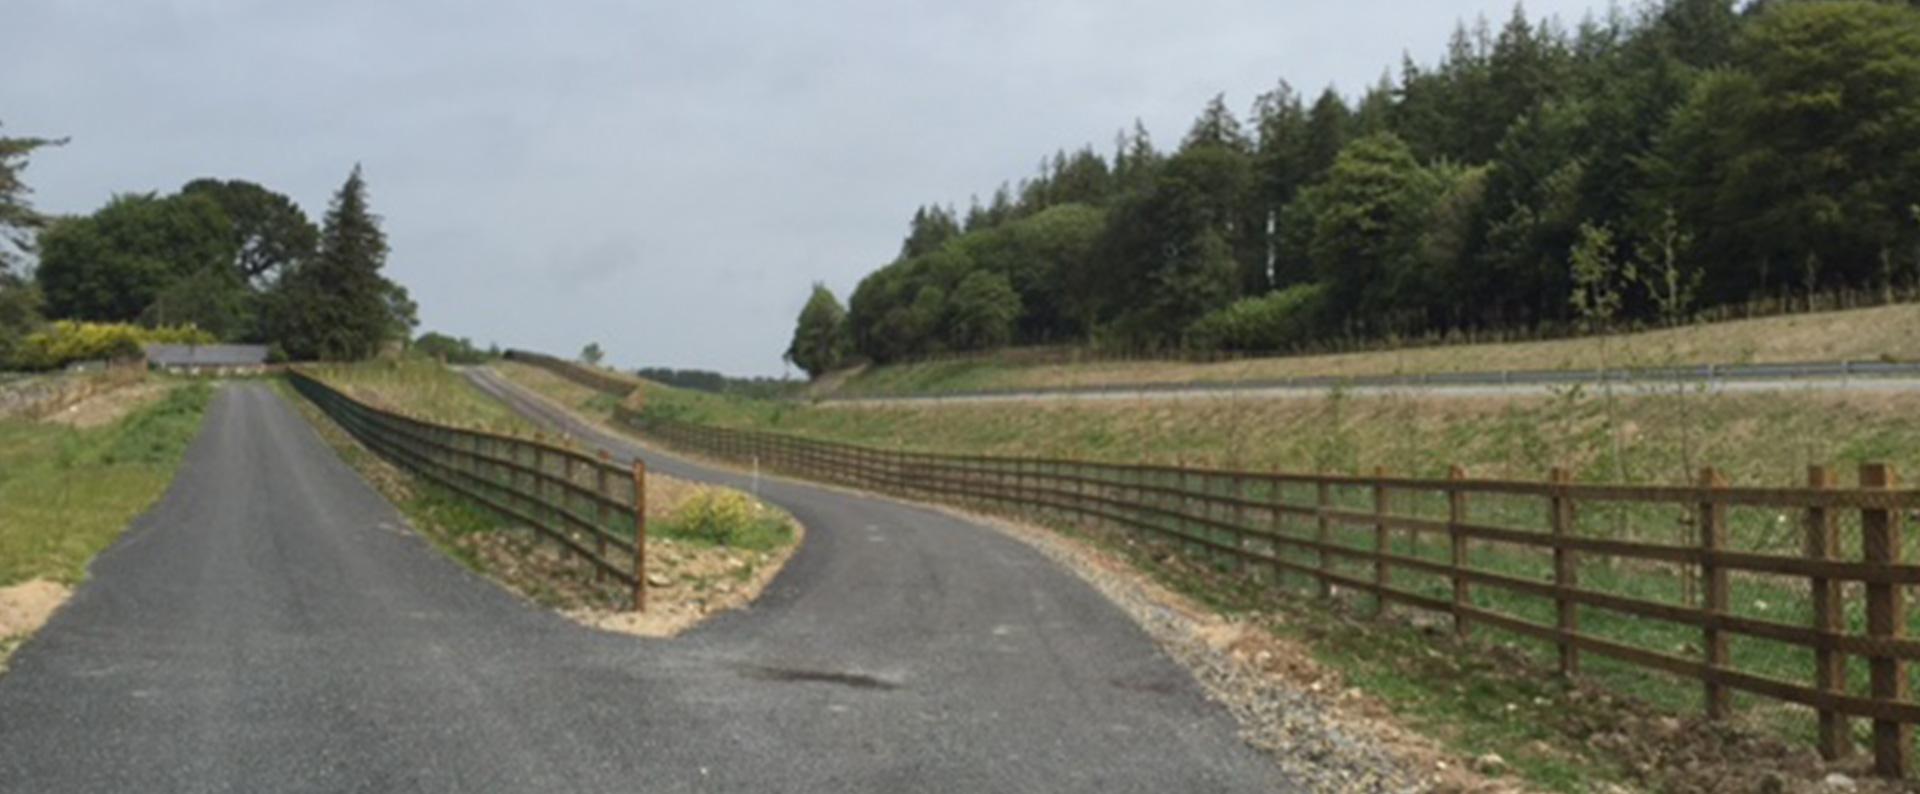 M11 Enniscorthy, Wexford